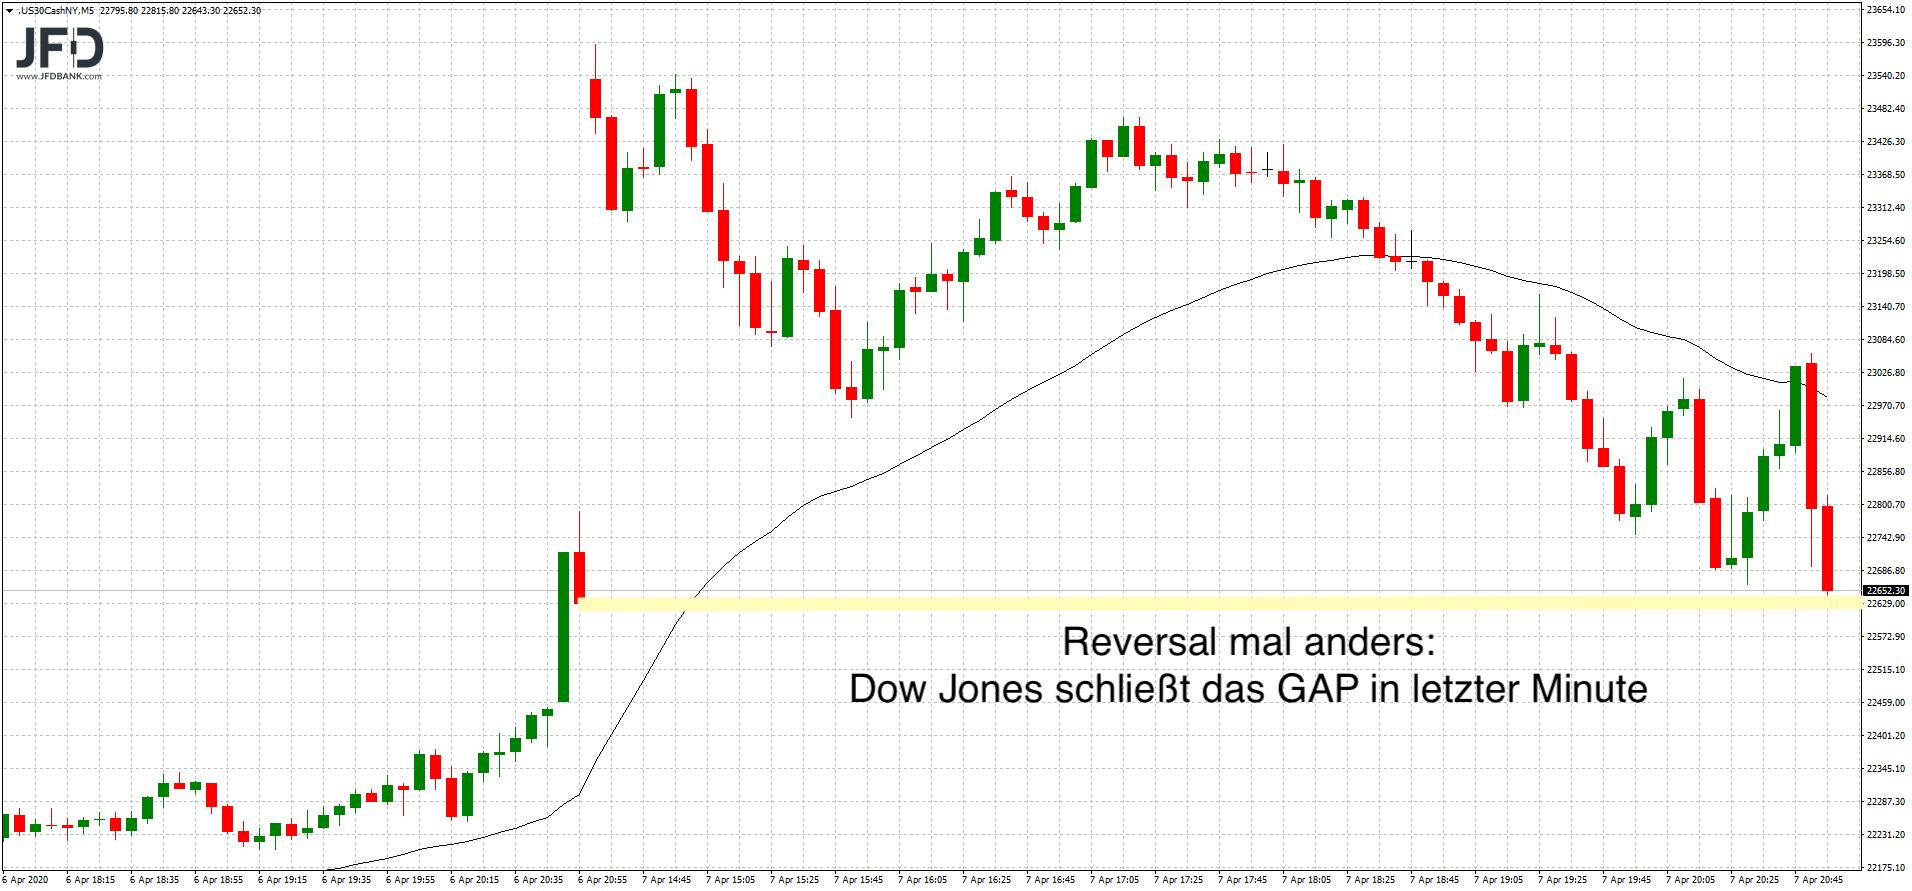 Dow Jones mit GAP-close am Dienstag